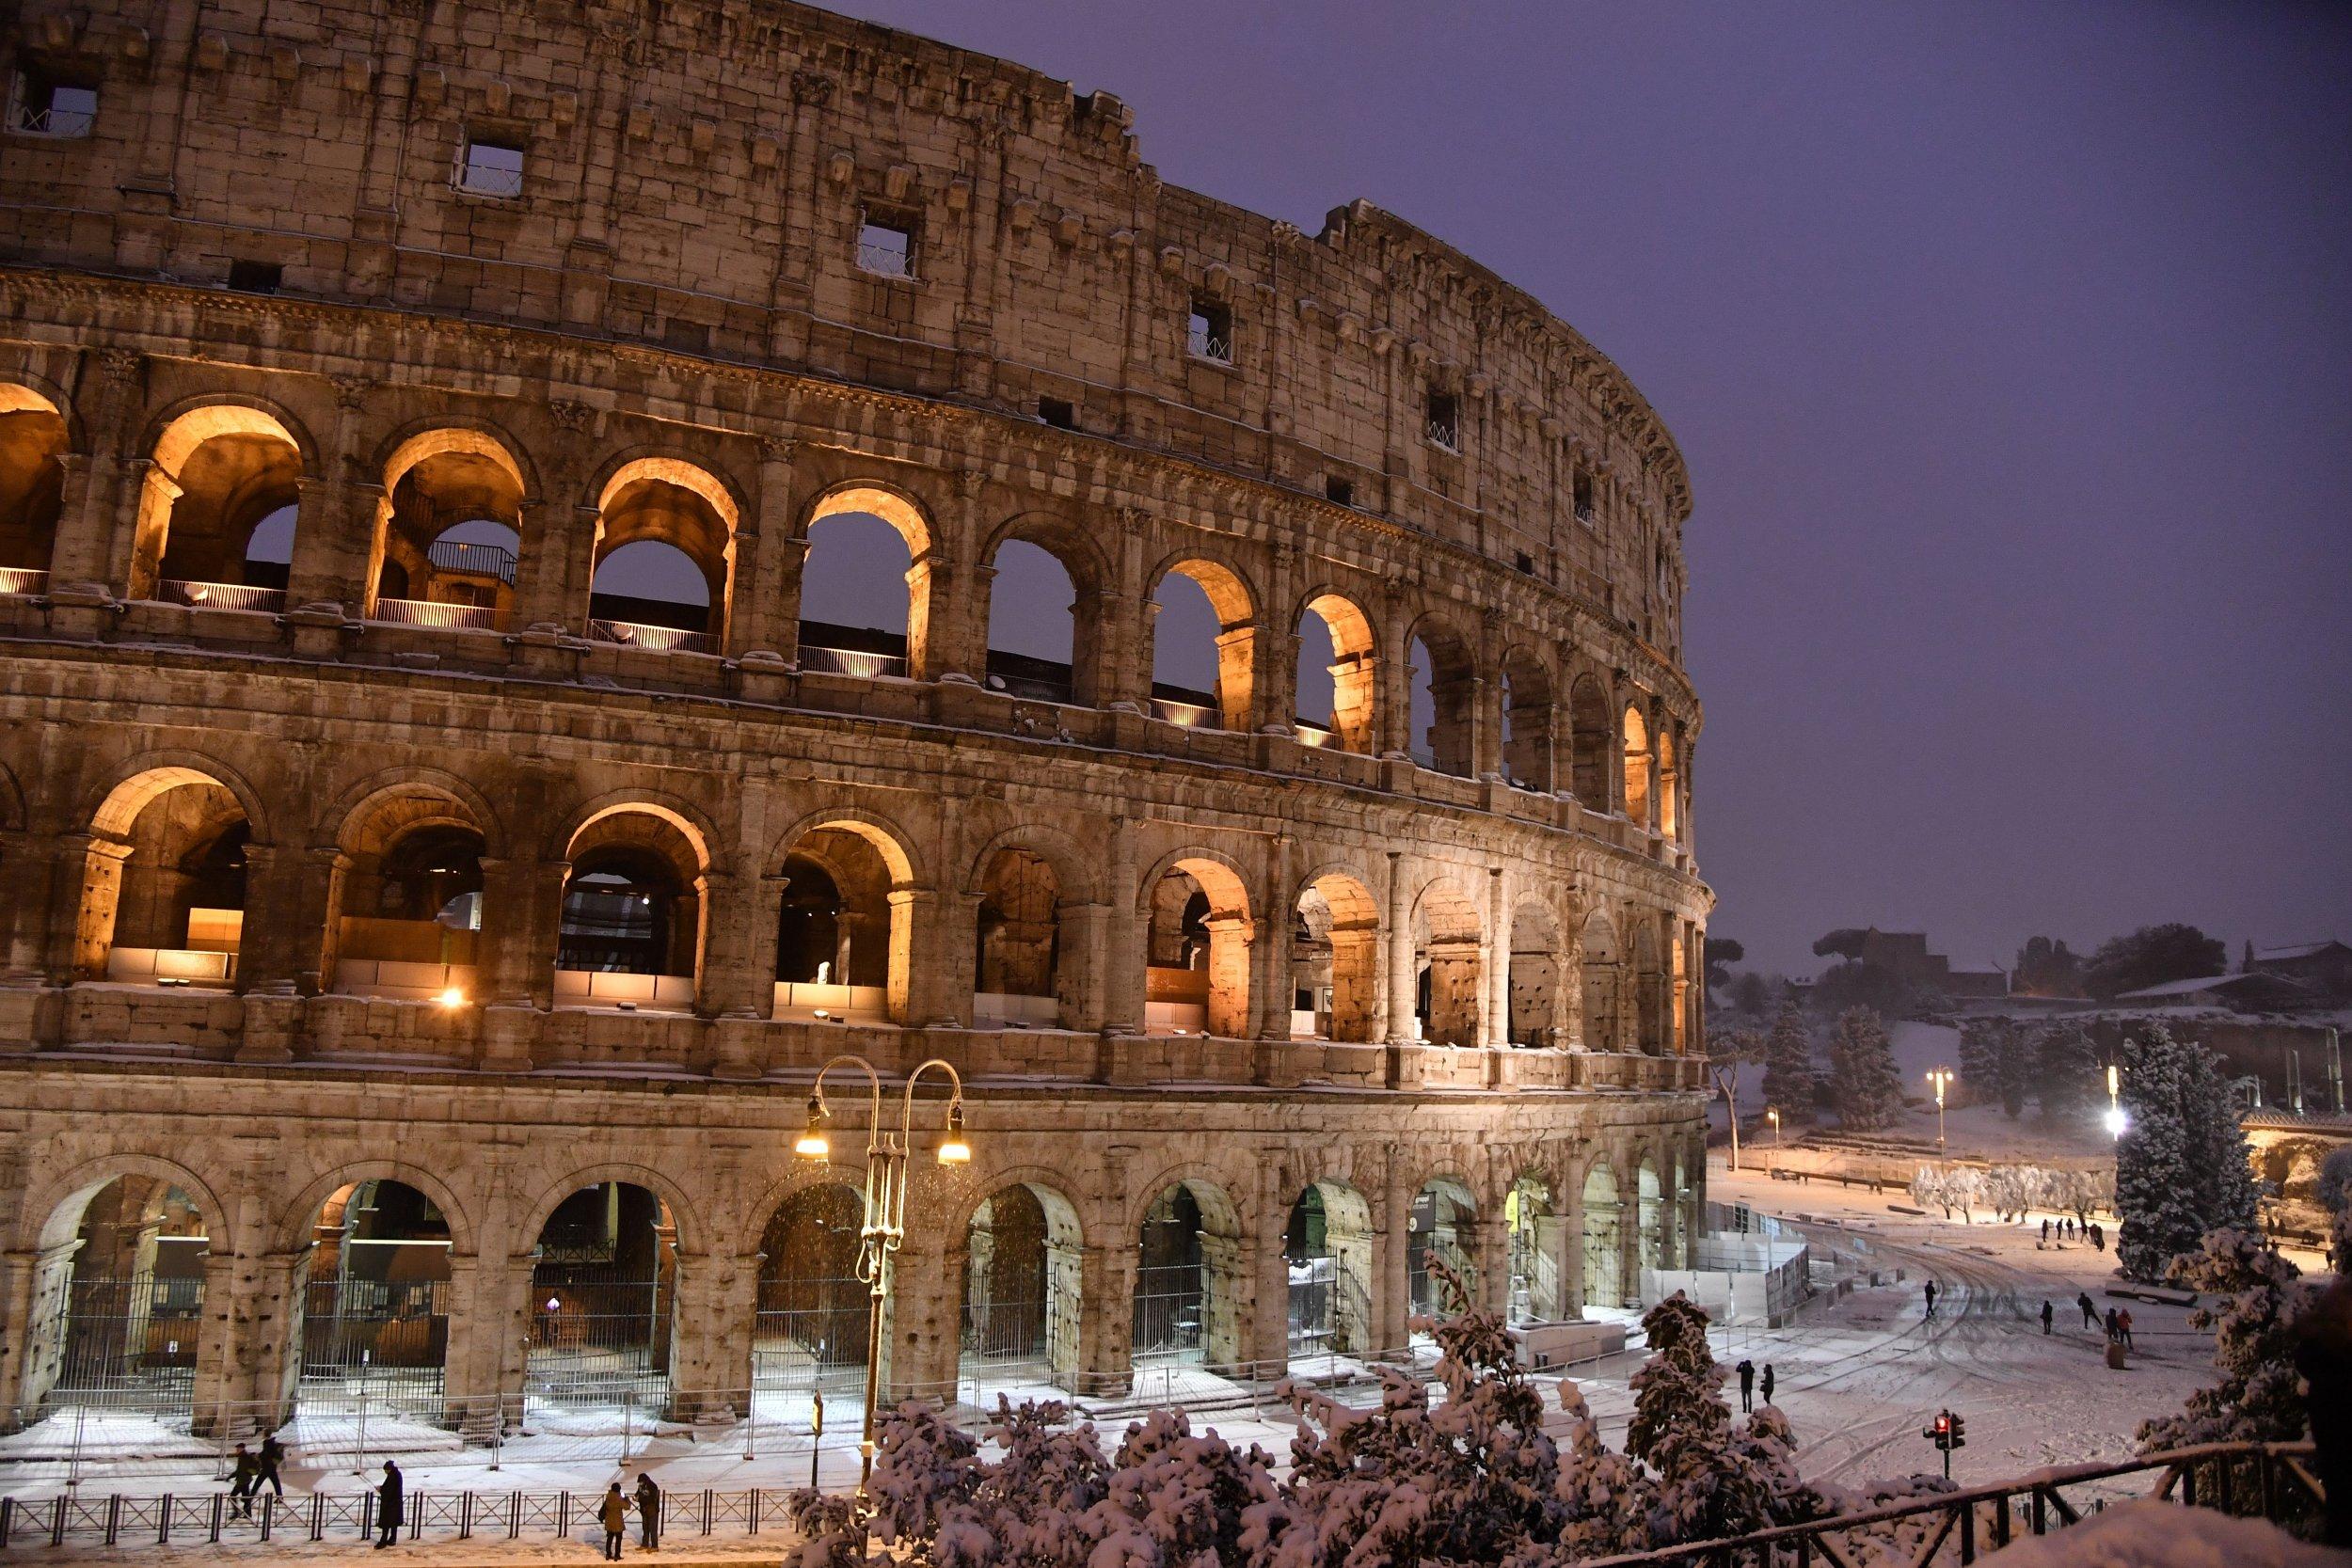 3_8_2018_Colosseum